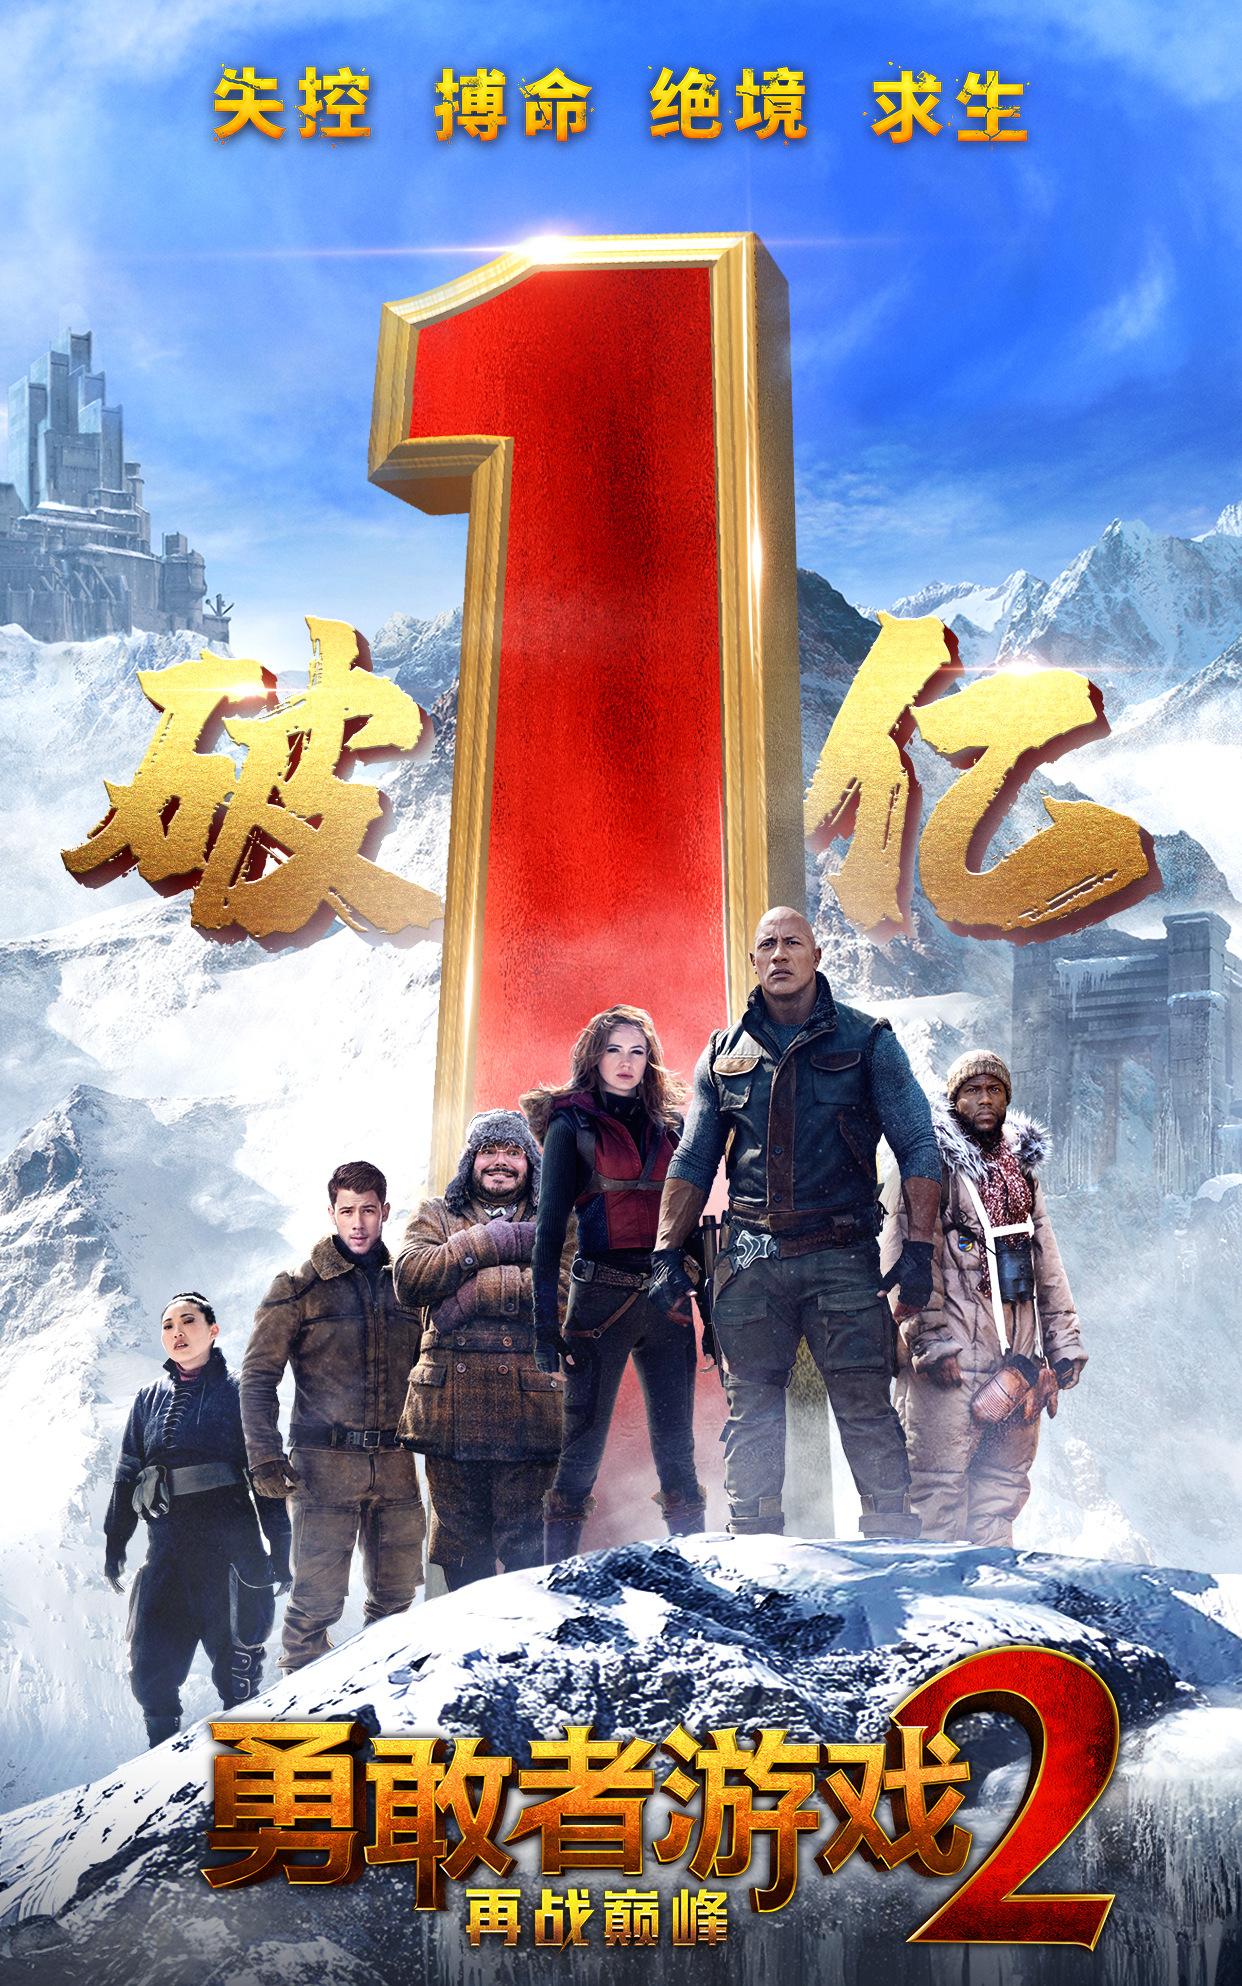 《勇敢者游戏2:再战巅峰》票房破亿 全程刺激爆笑年底必看爽片